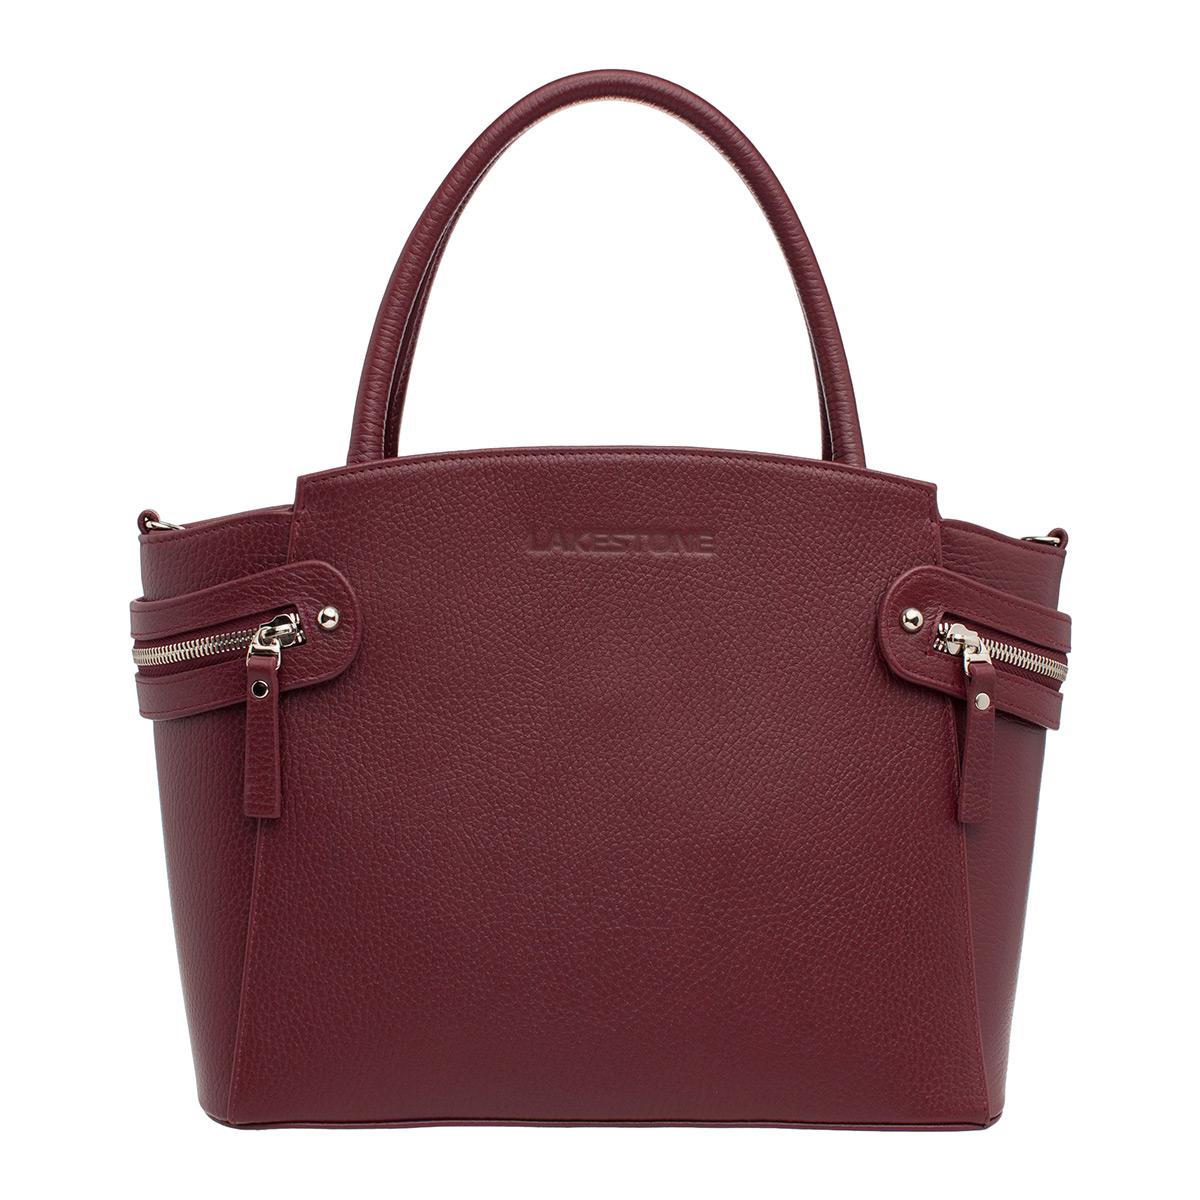 Кожаная женская сумка Hacket Burgundy фото